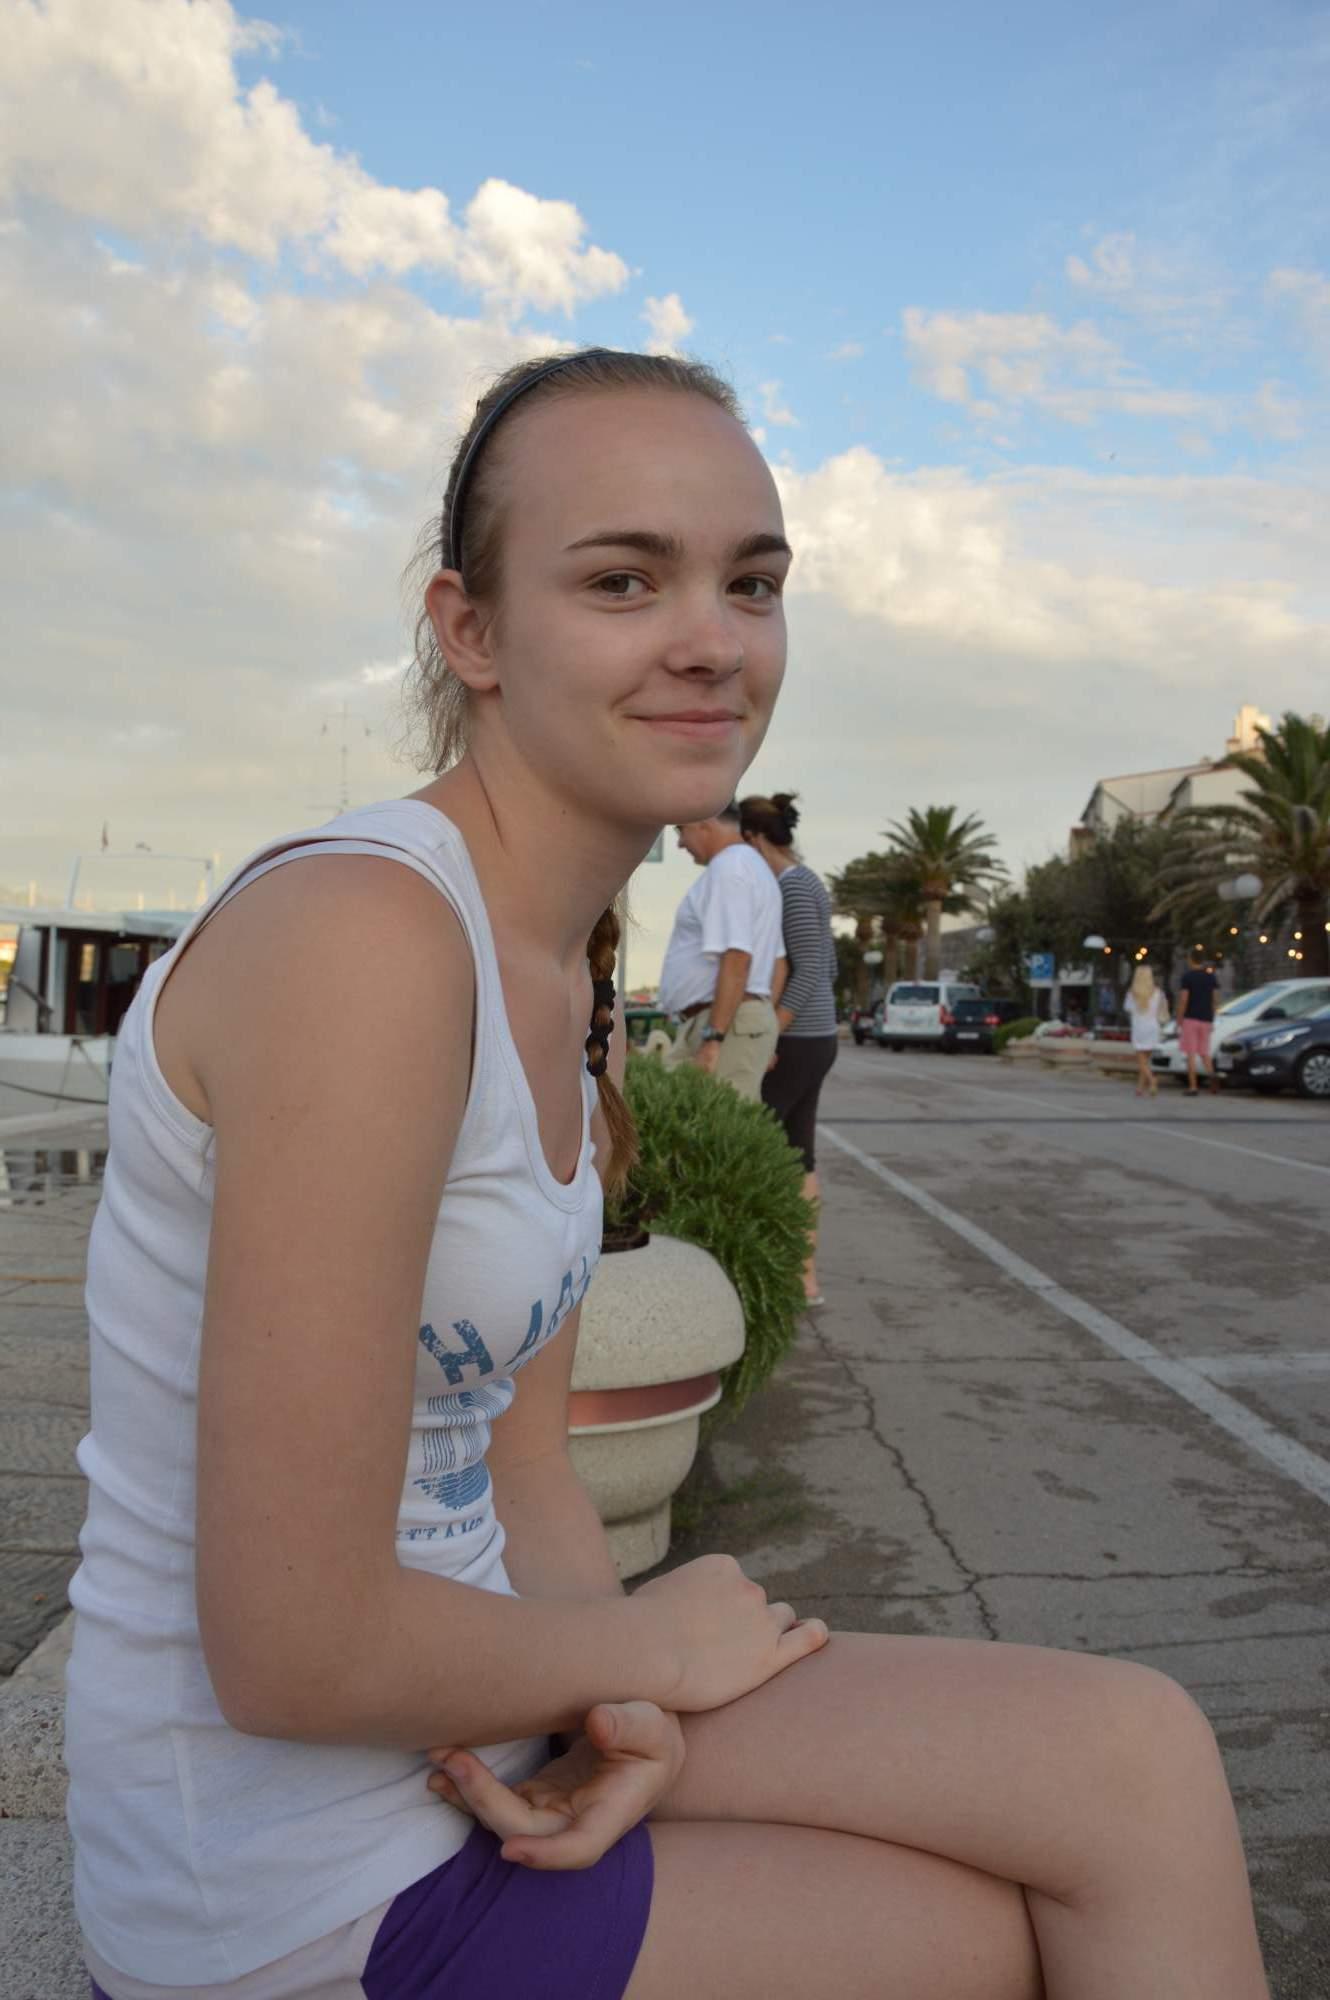 http://img19.rajce.idnes.cz/d1902/11/11369/11369498_ba1b1cc51aa2b100ecd01c05fe1b9075/images/DSC_0107.jpg